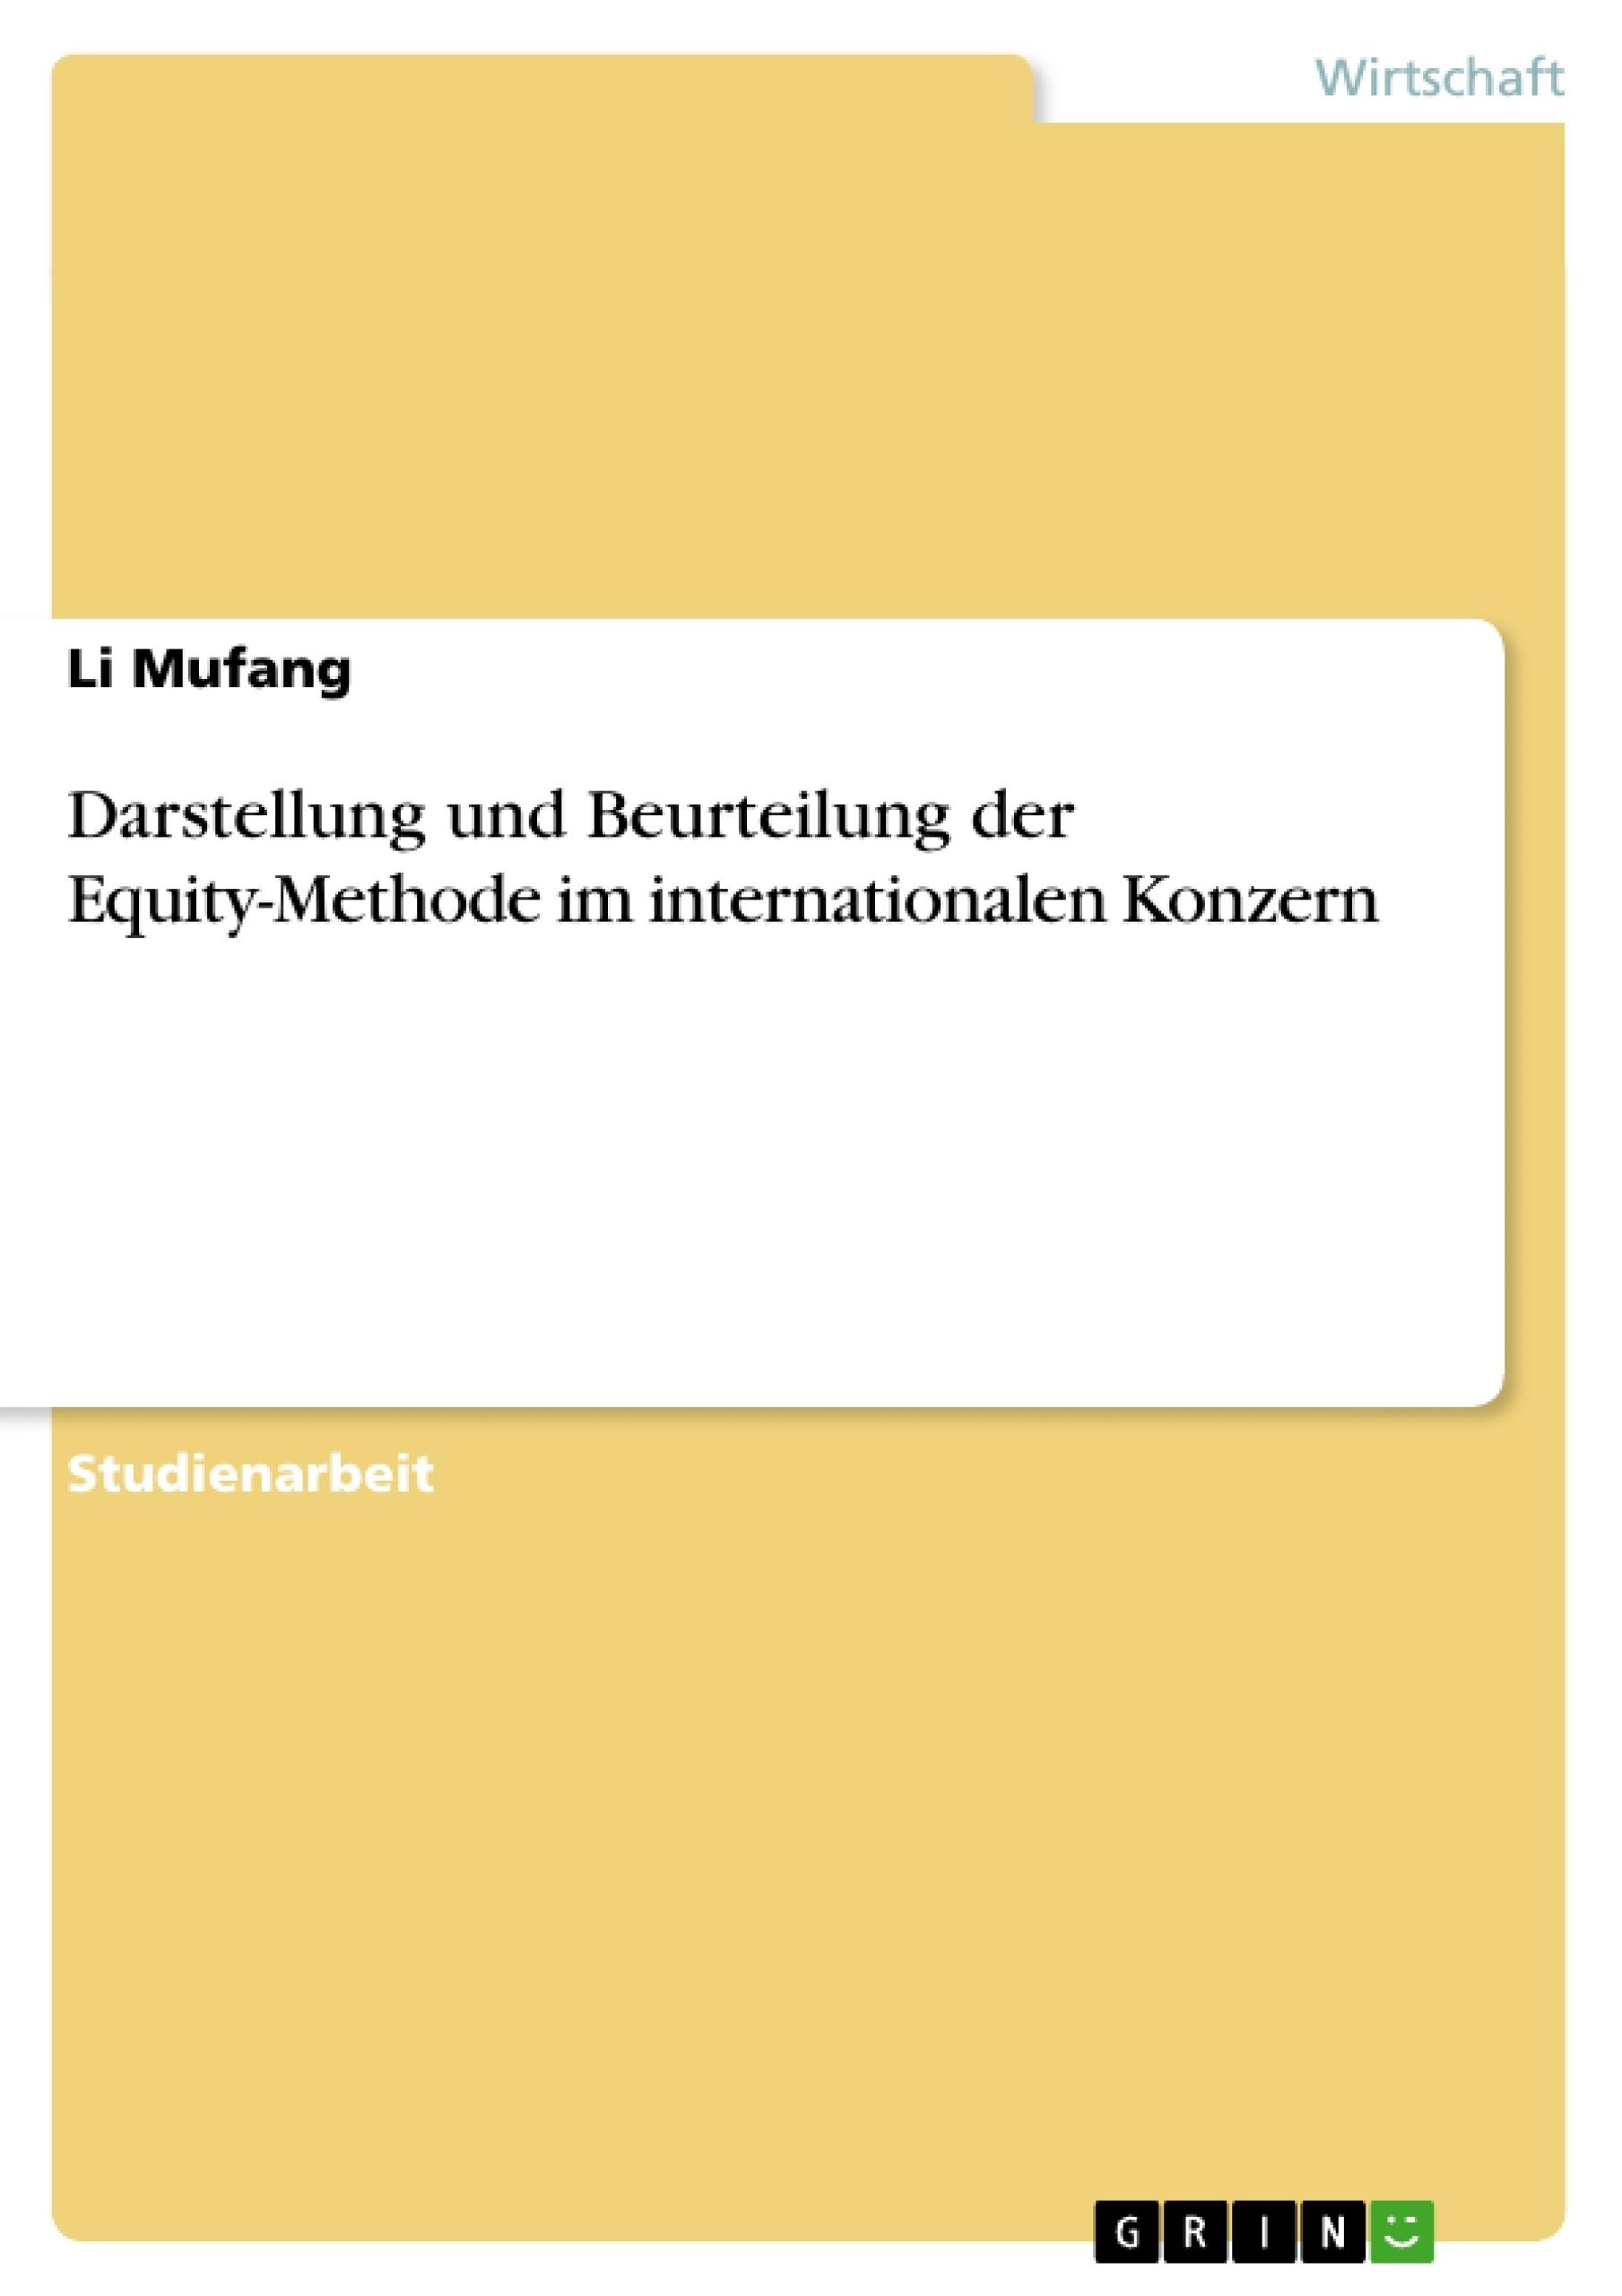 Titel: Darstellung und Beurteilung der Equity-Methode im internationalen Konzern